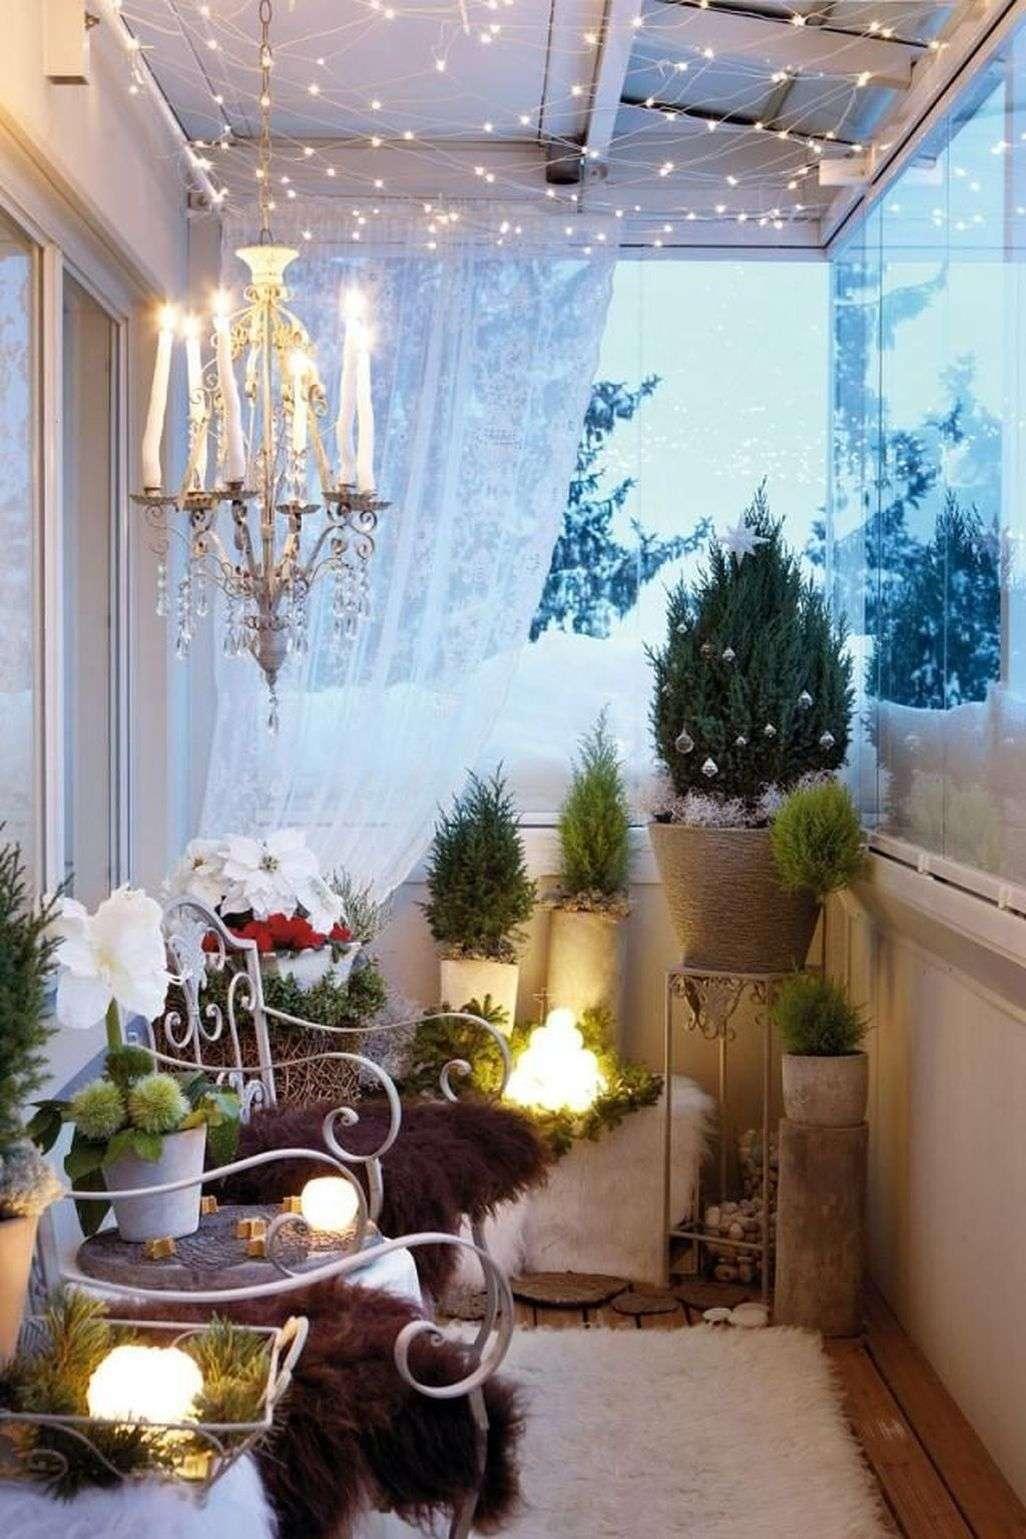 jardines navideños y balcones decorados